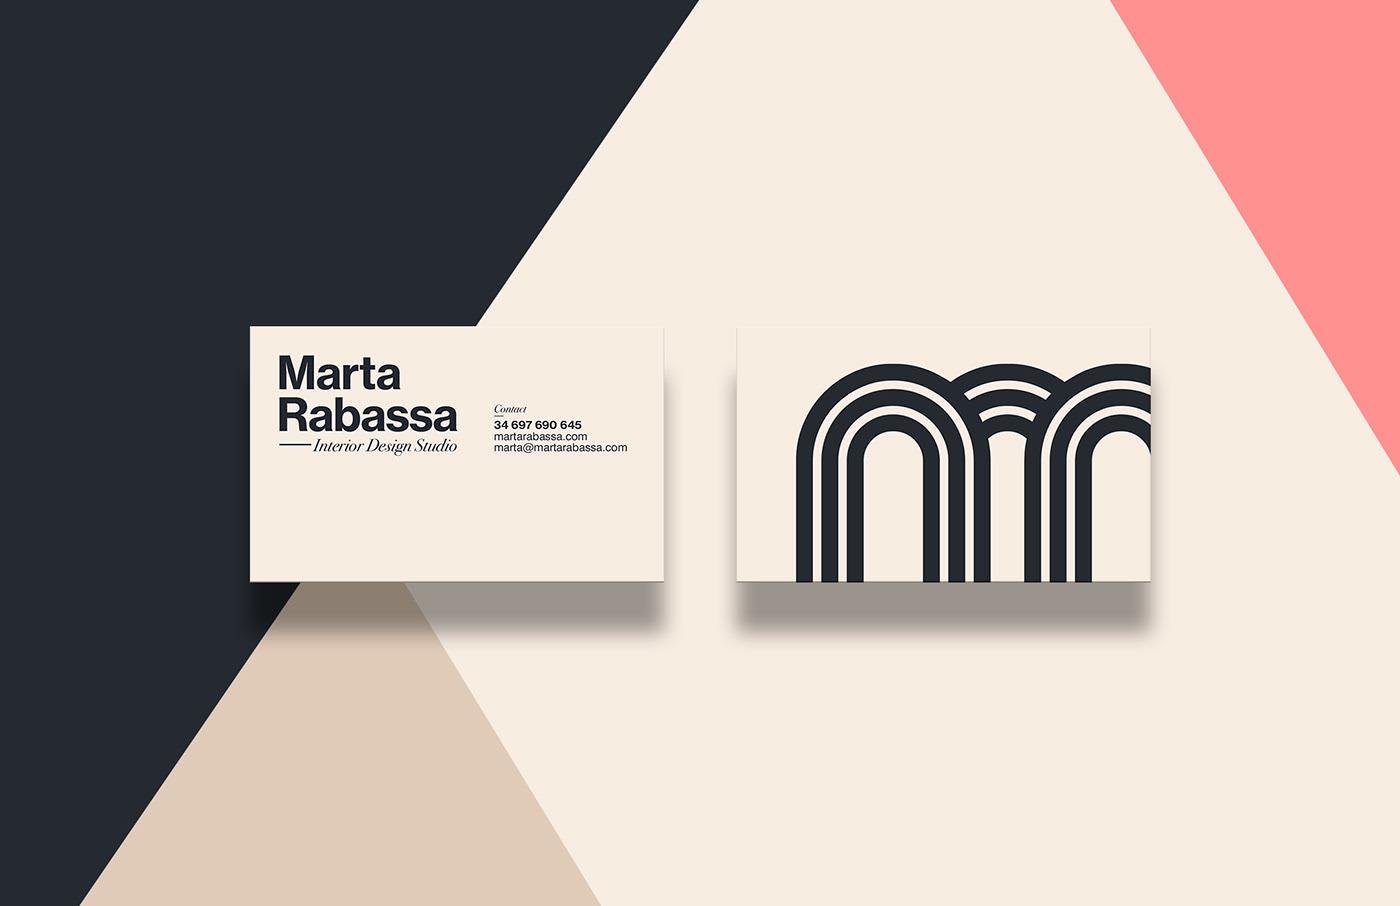 胜利拱门!室内设计工作室Marta Rabassa品牌形象设计